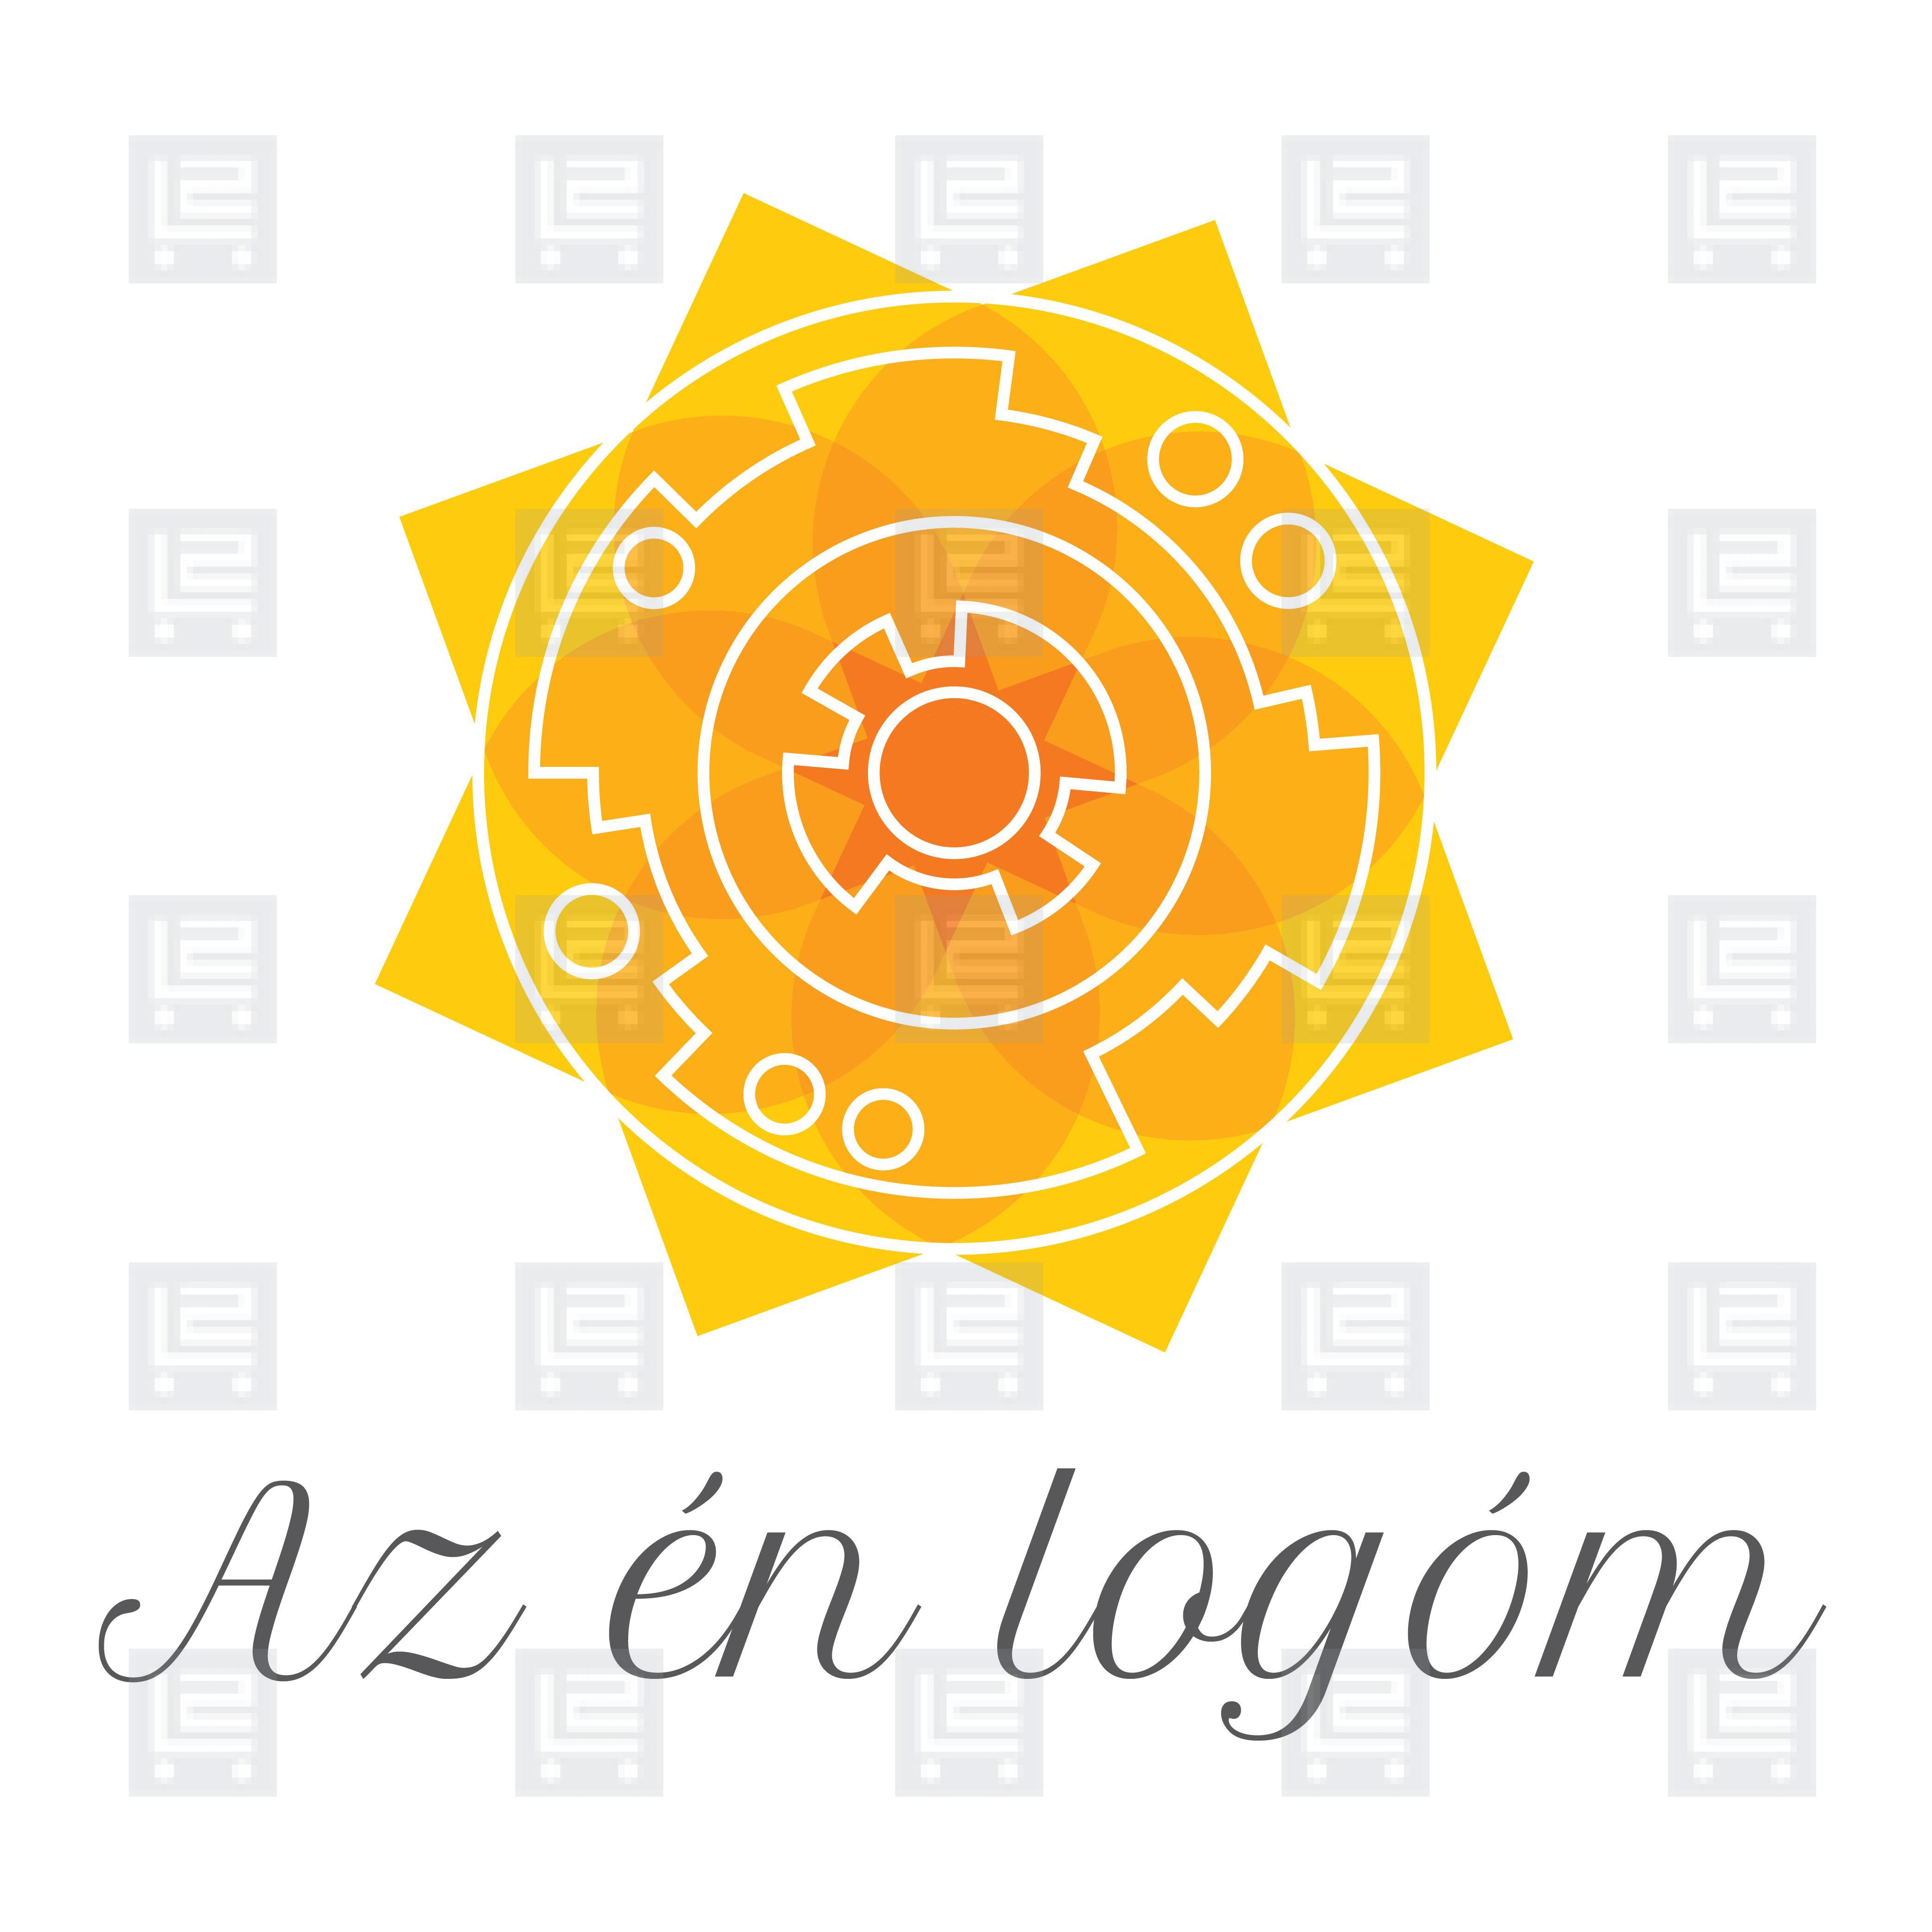 b4467a87c4 Mandala kézműves bolt webáruház logó